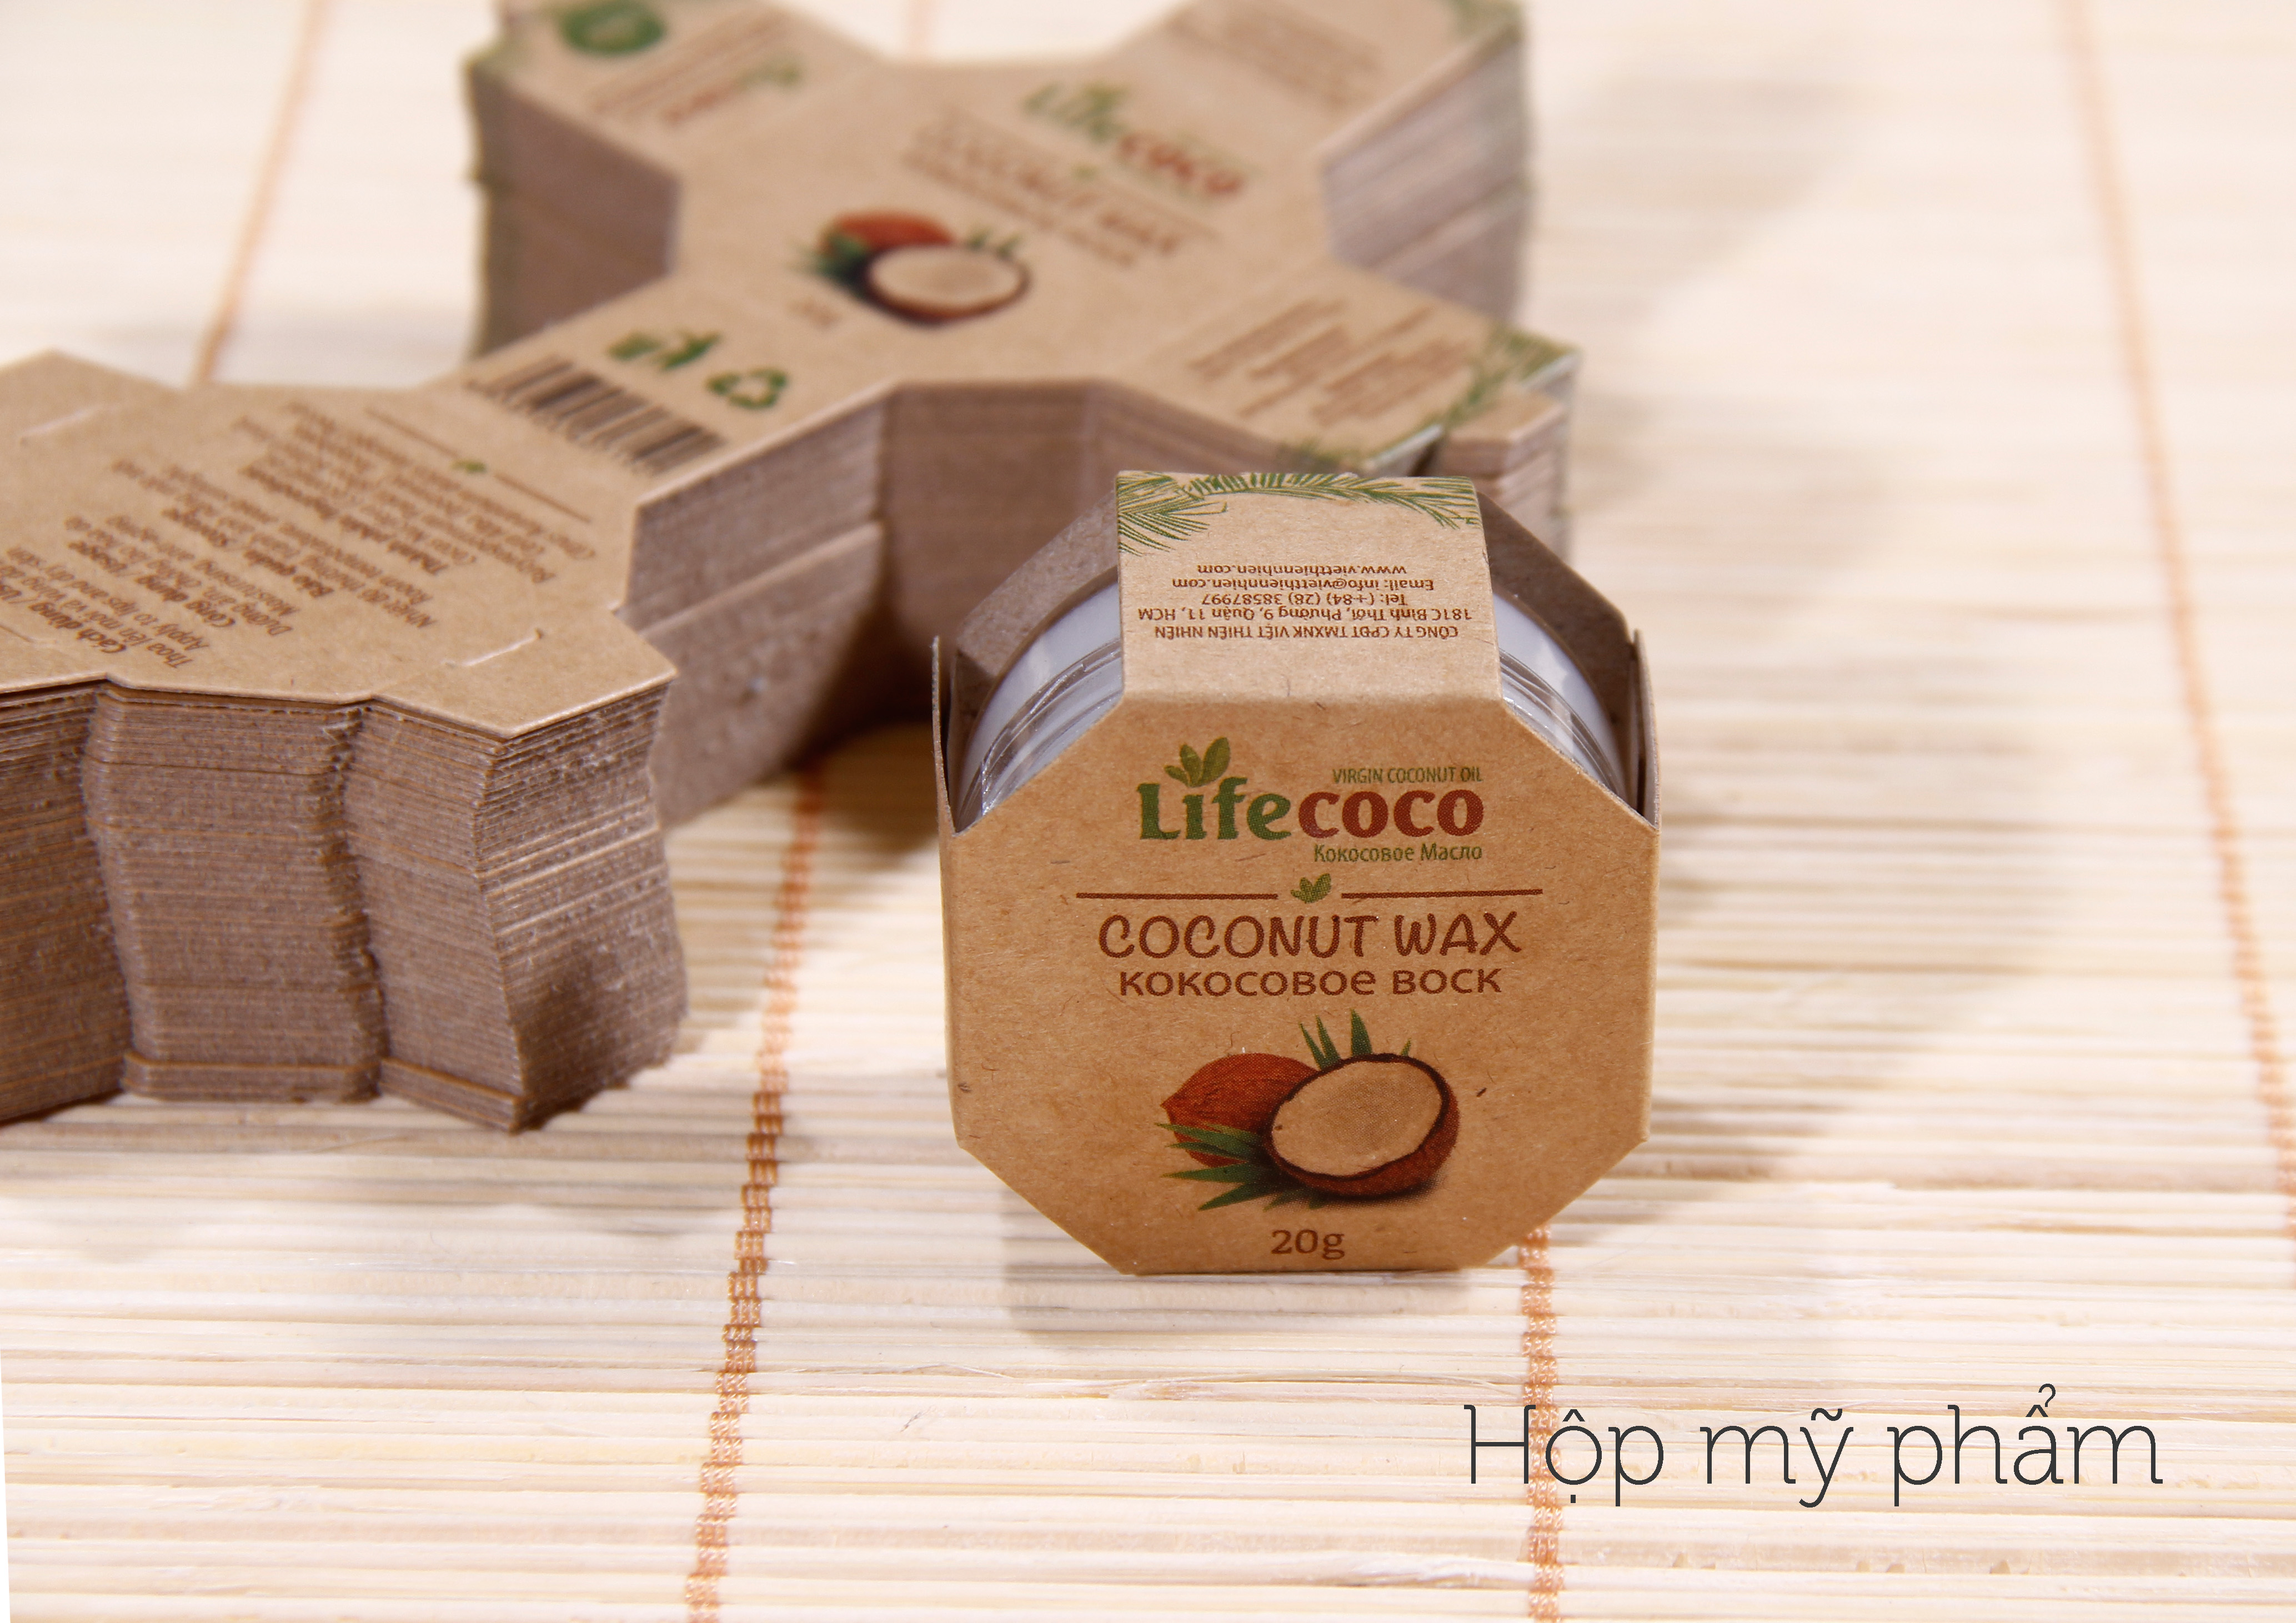 Giấy Lan Vi | Hộp bao bì mỹ phẩm Life Coco